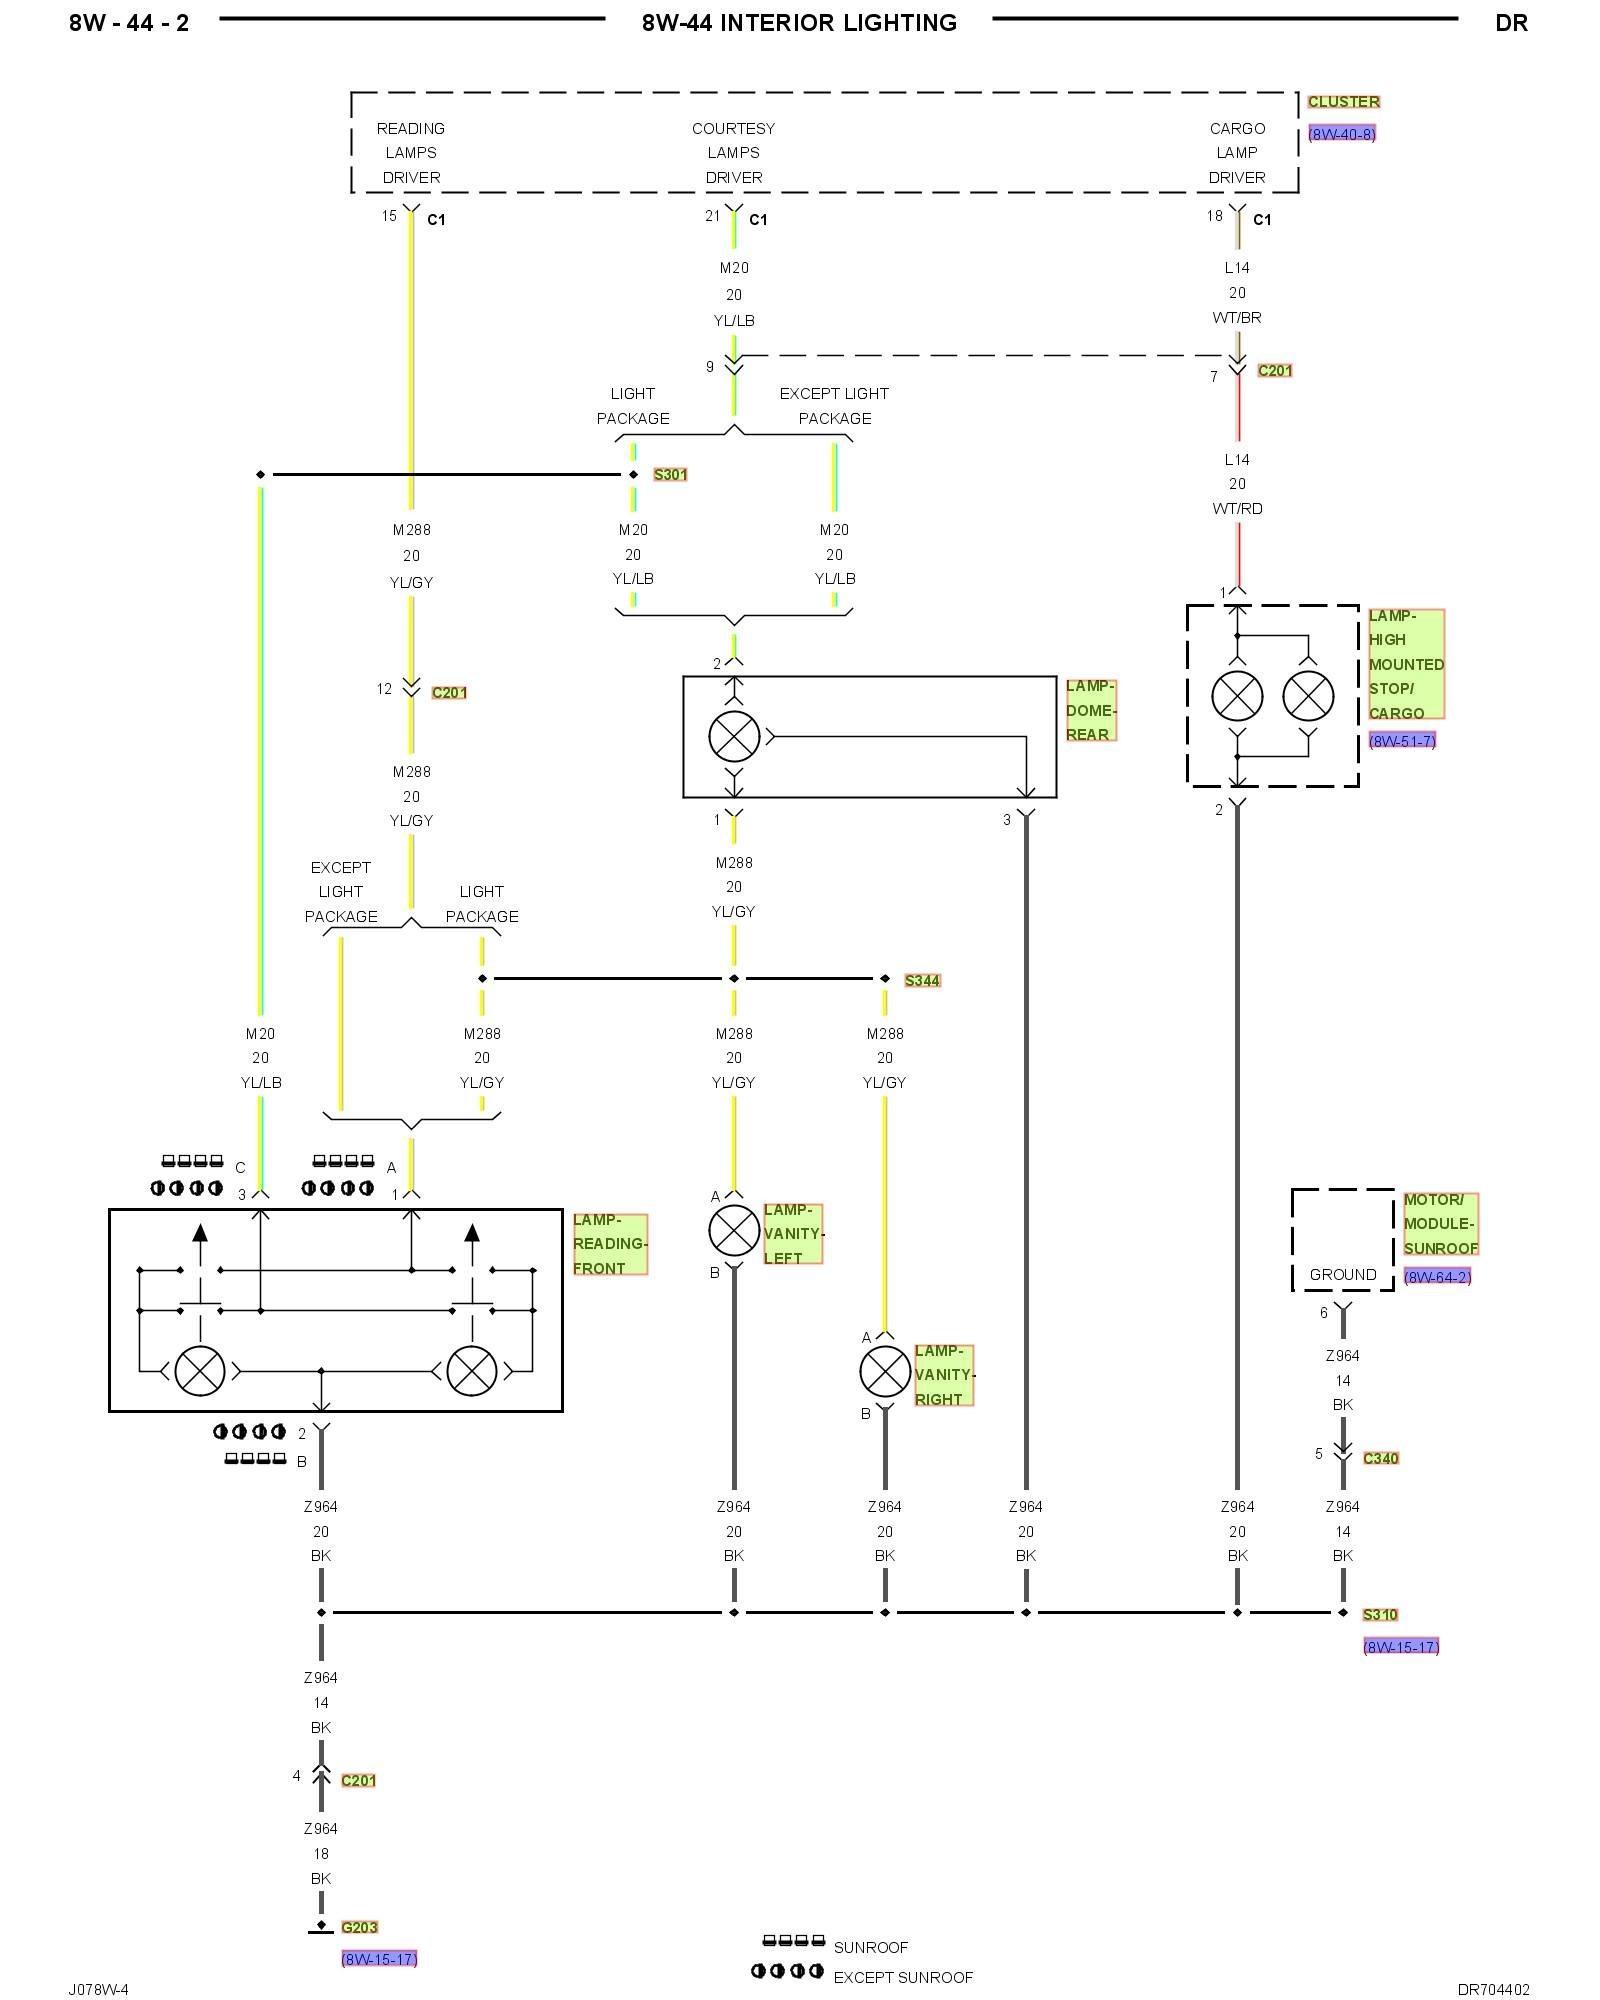 2003 dodge ram electrical diagram wiring database 2004 dodge ram 1500 car  radio wiring diagram dodge